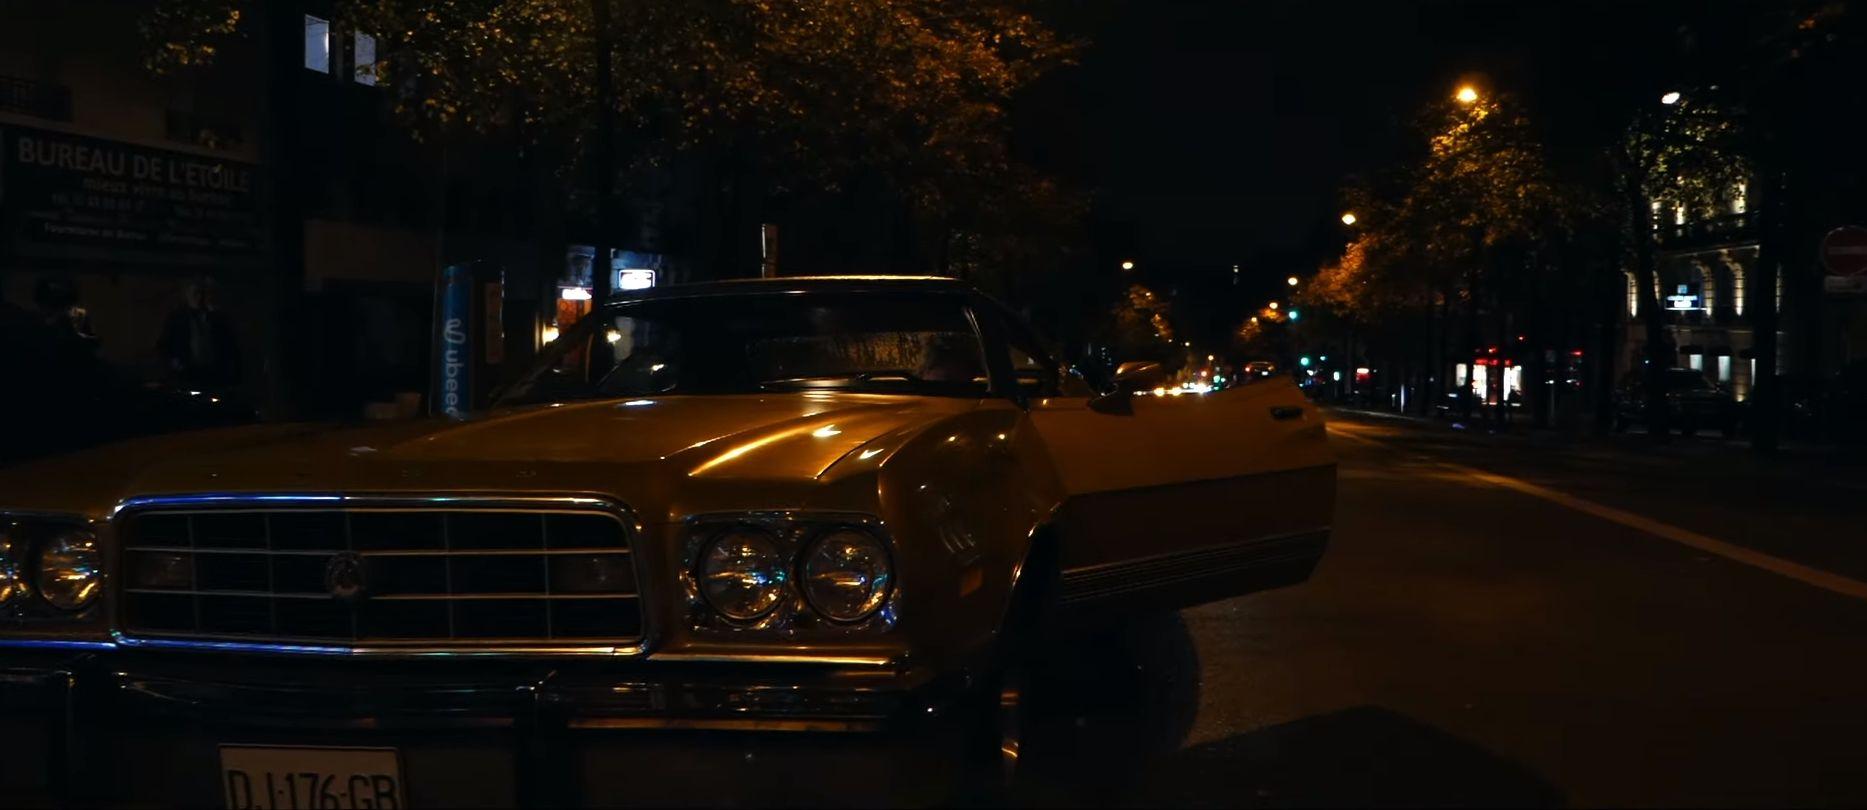 Kyle Eastwood parcourt les rues de Paris en Gran Torino dans son nouveau clip